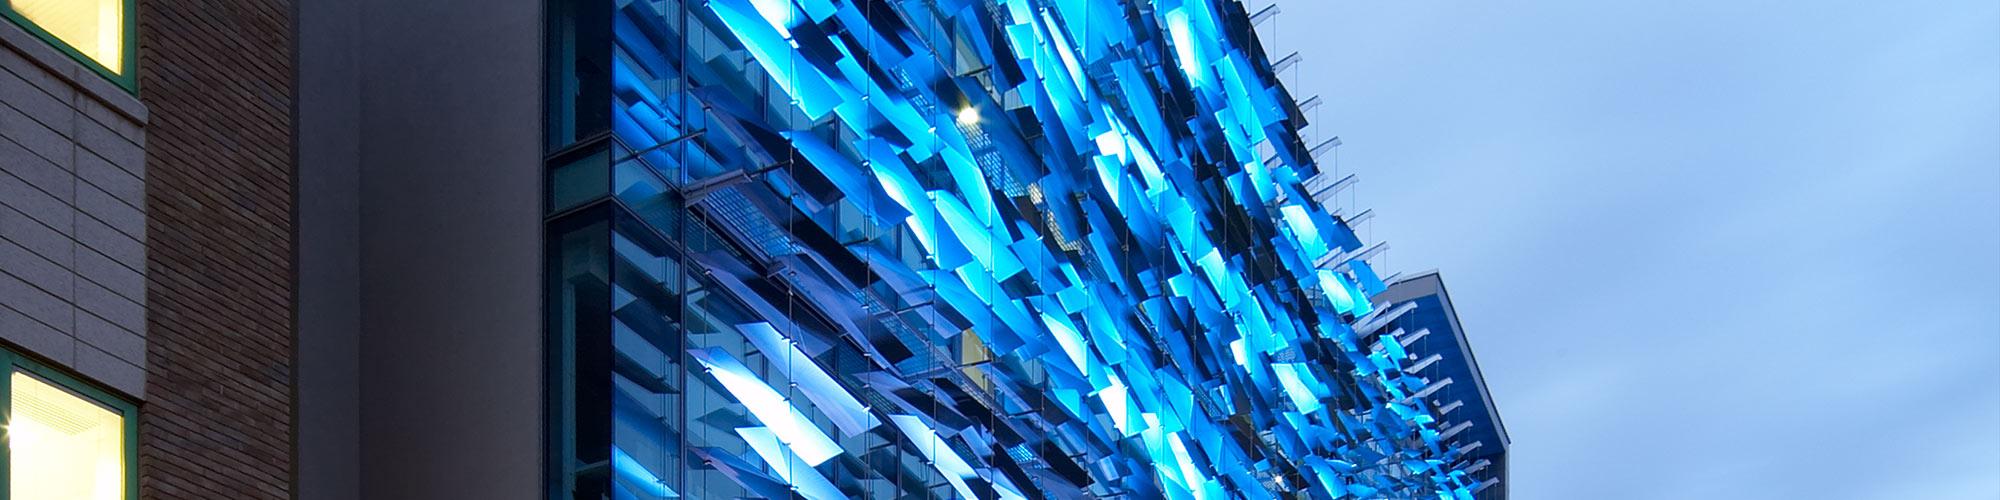 LED Fassade aufgehängte Fassadenelemente Carl Stahl Architektur